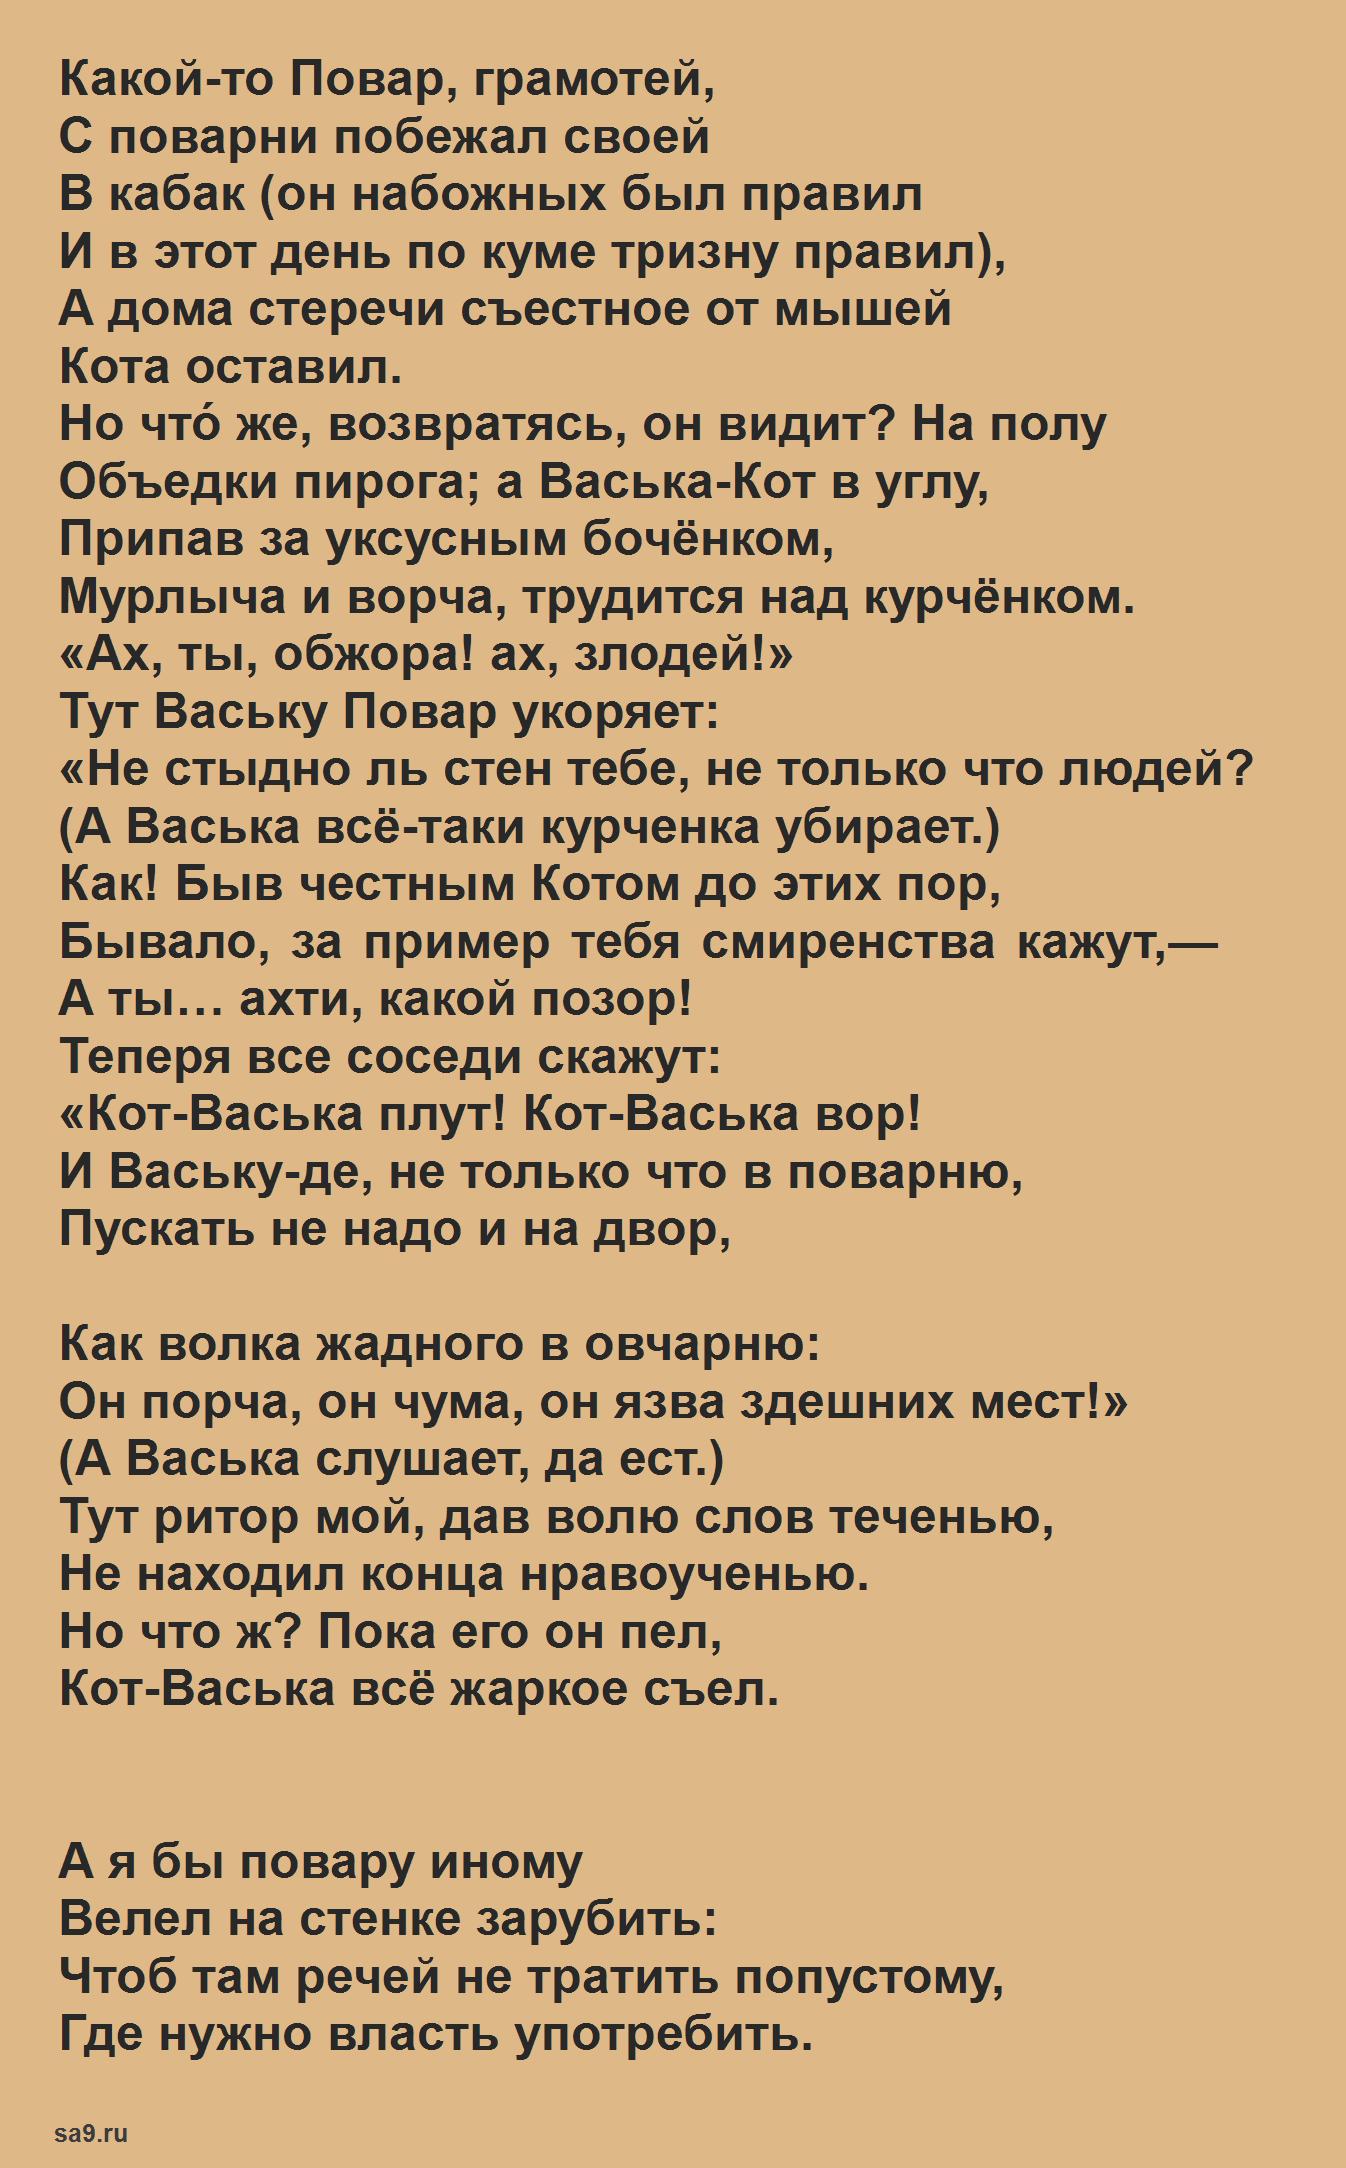 Басня Крылова 'Кот и повар', текст басни читать полностью